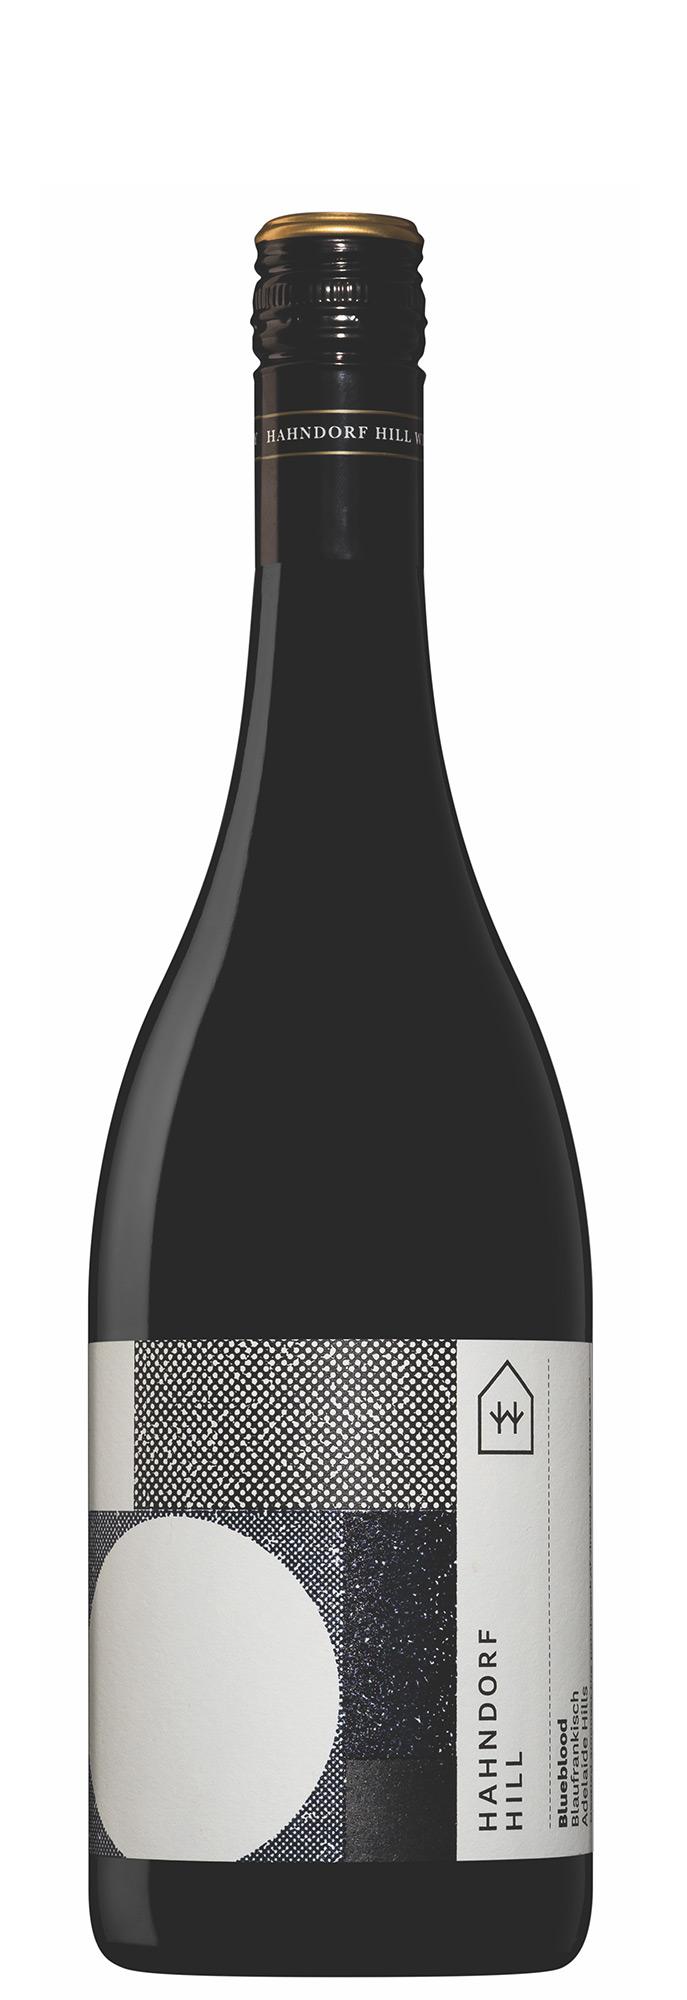 Hahndorf Hill Winery Blueblood Blaufrankisch 2016